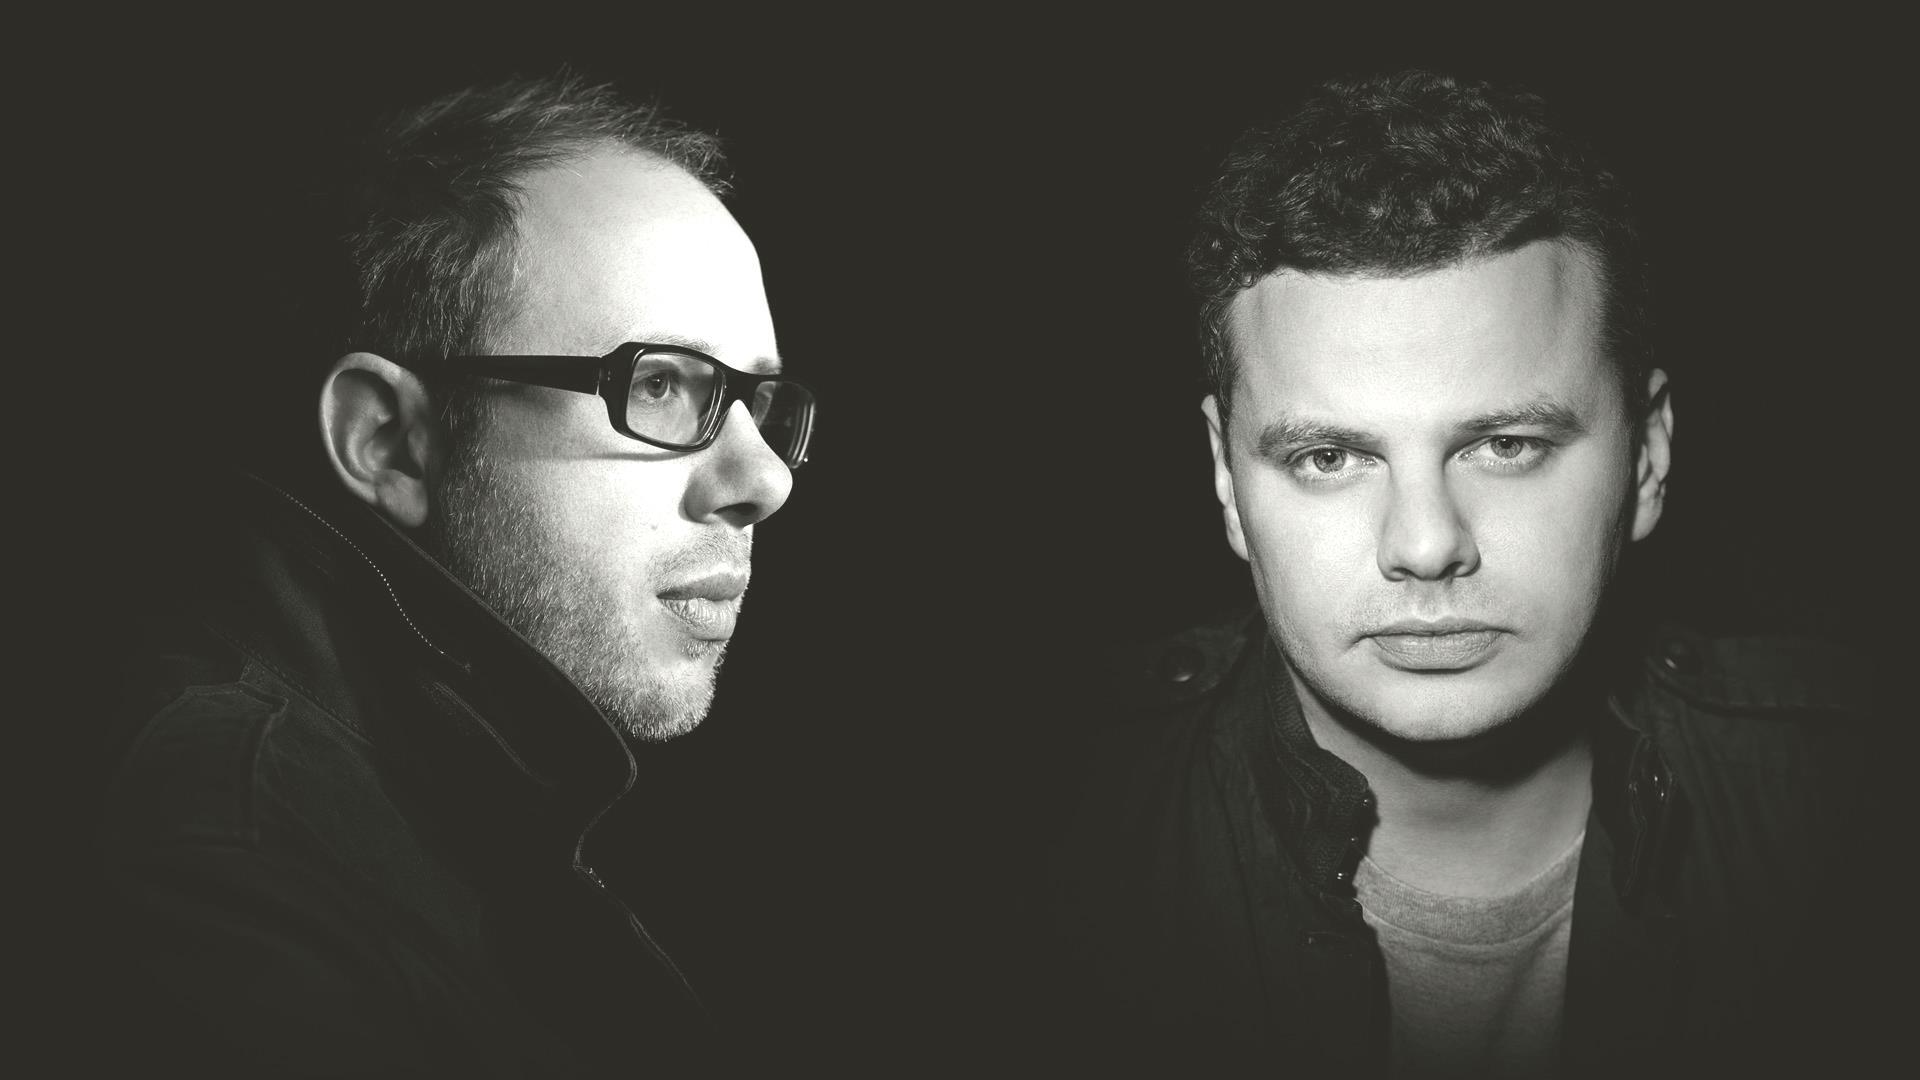 Il duo di Macnhester The Chemical Brothers è pronto a rilasciare il nuovo album nel 2015